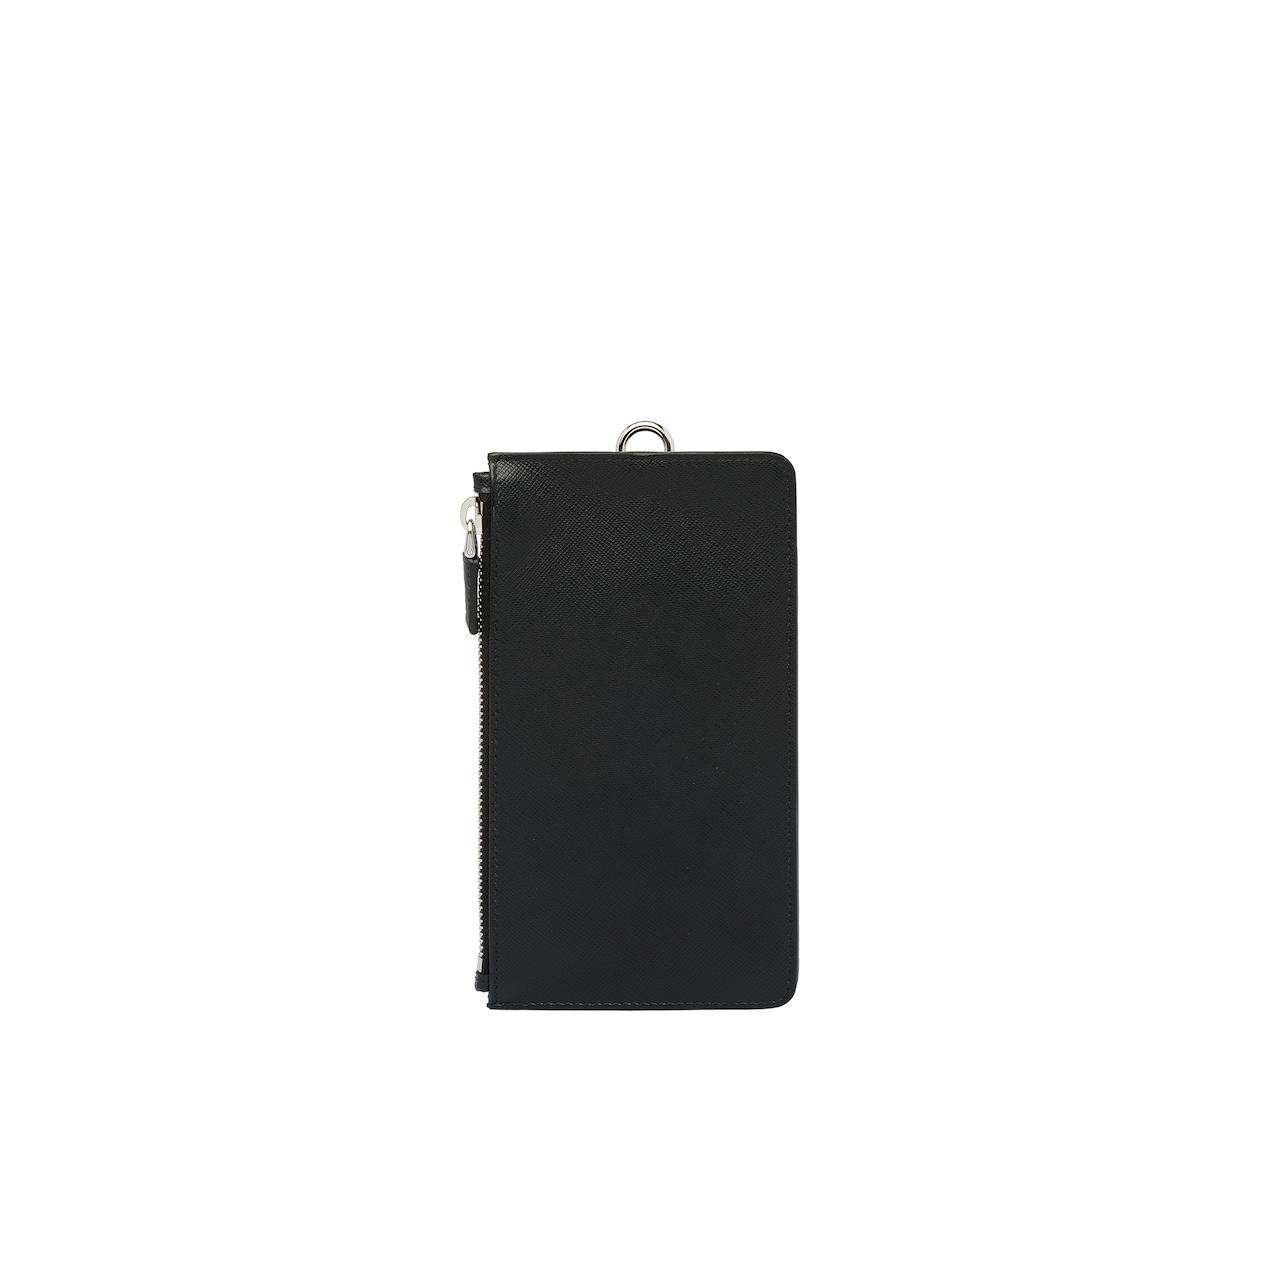 Prada Saffiano 皮革手机包 3